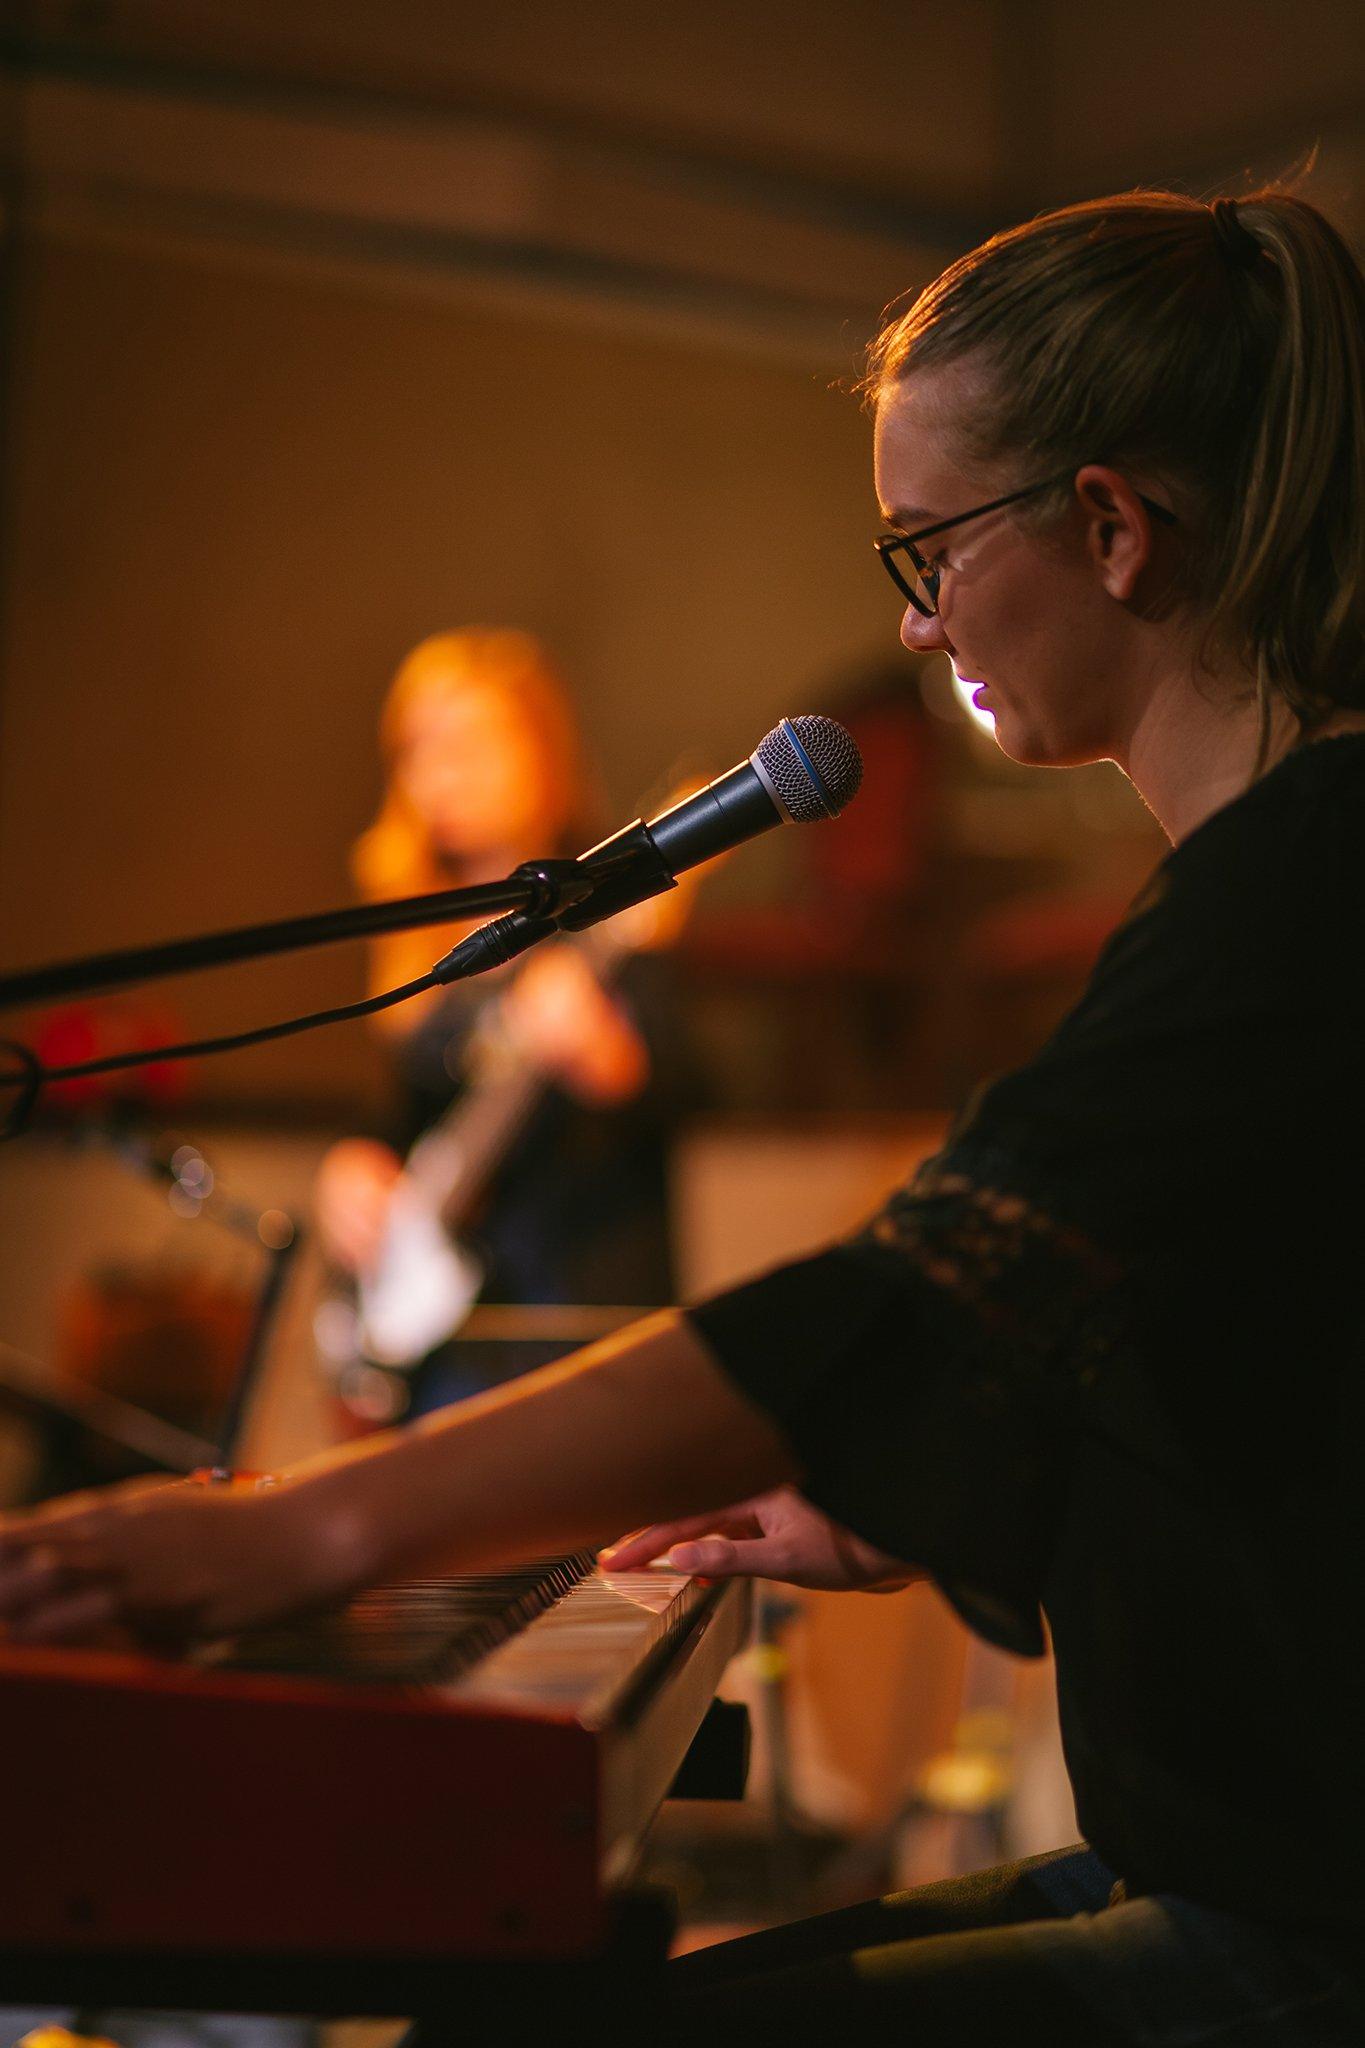 Eben-Ezer-Sessions am 18.10.2019: Johanna Peter am Keyboard (Foto: Knut Burmeister, ALLTAG)